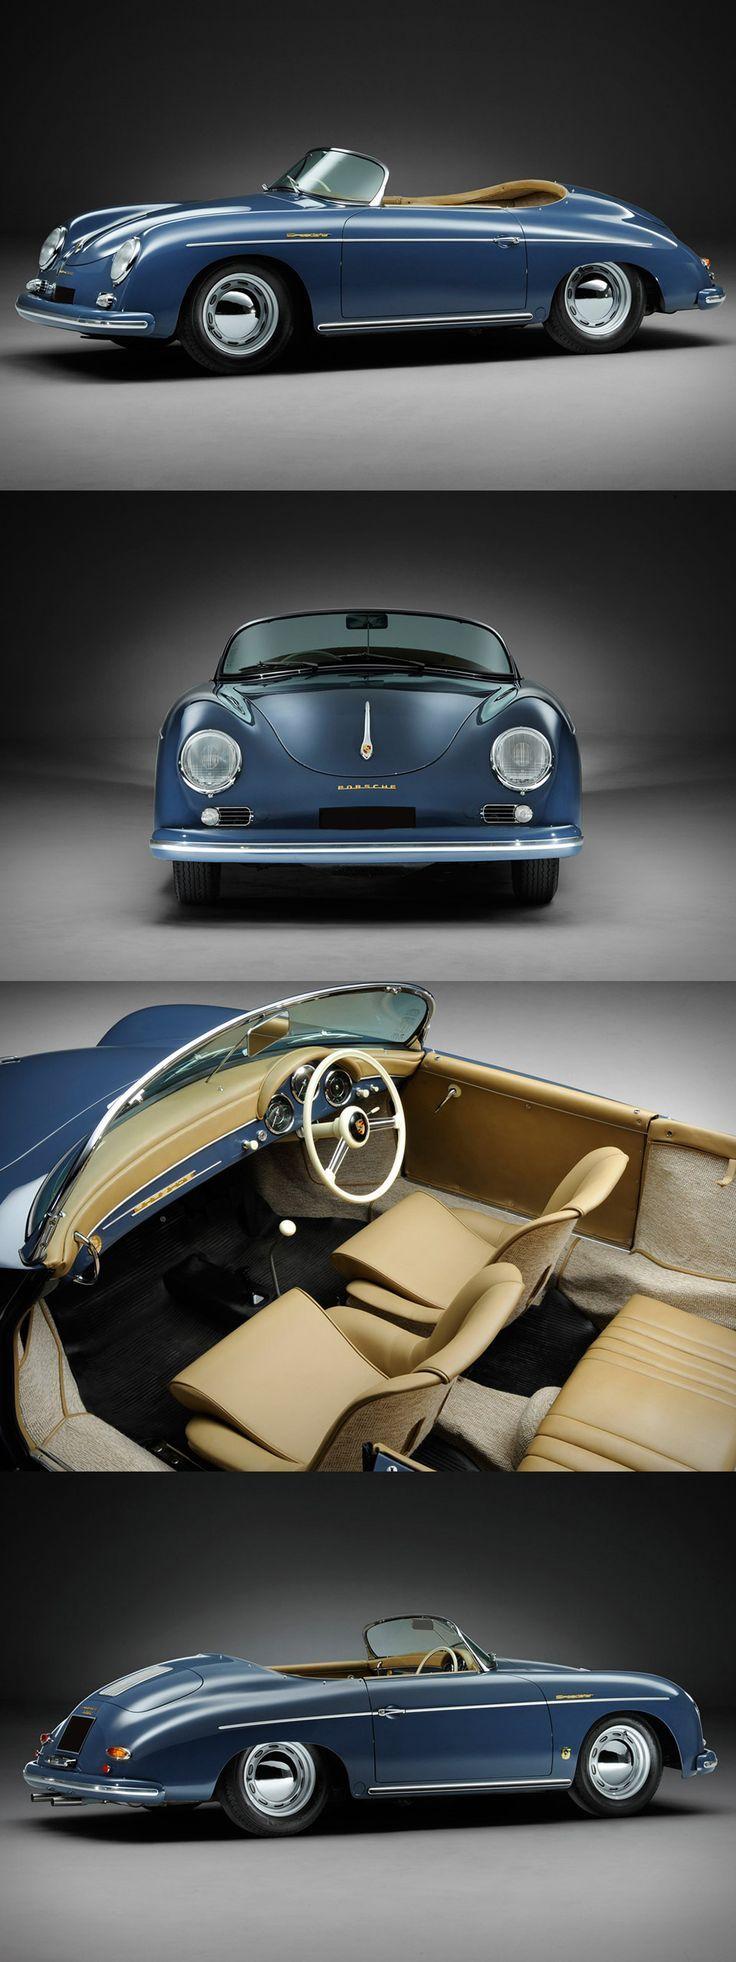 Awesome Porsche 2017: 1957 Porsche 356A Speedster ... Shakes and Cars Check more at http://carsboard.pro/2017/2017/01/07/porsche-2017-1957-porsche-356a-speedster-shakes-and-cars/